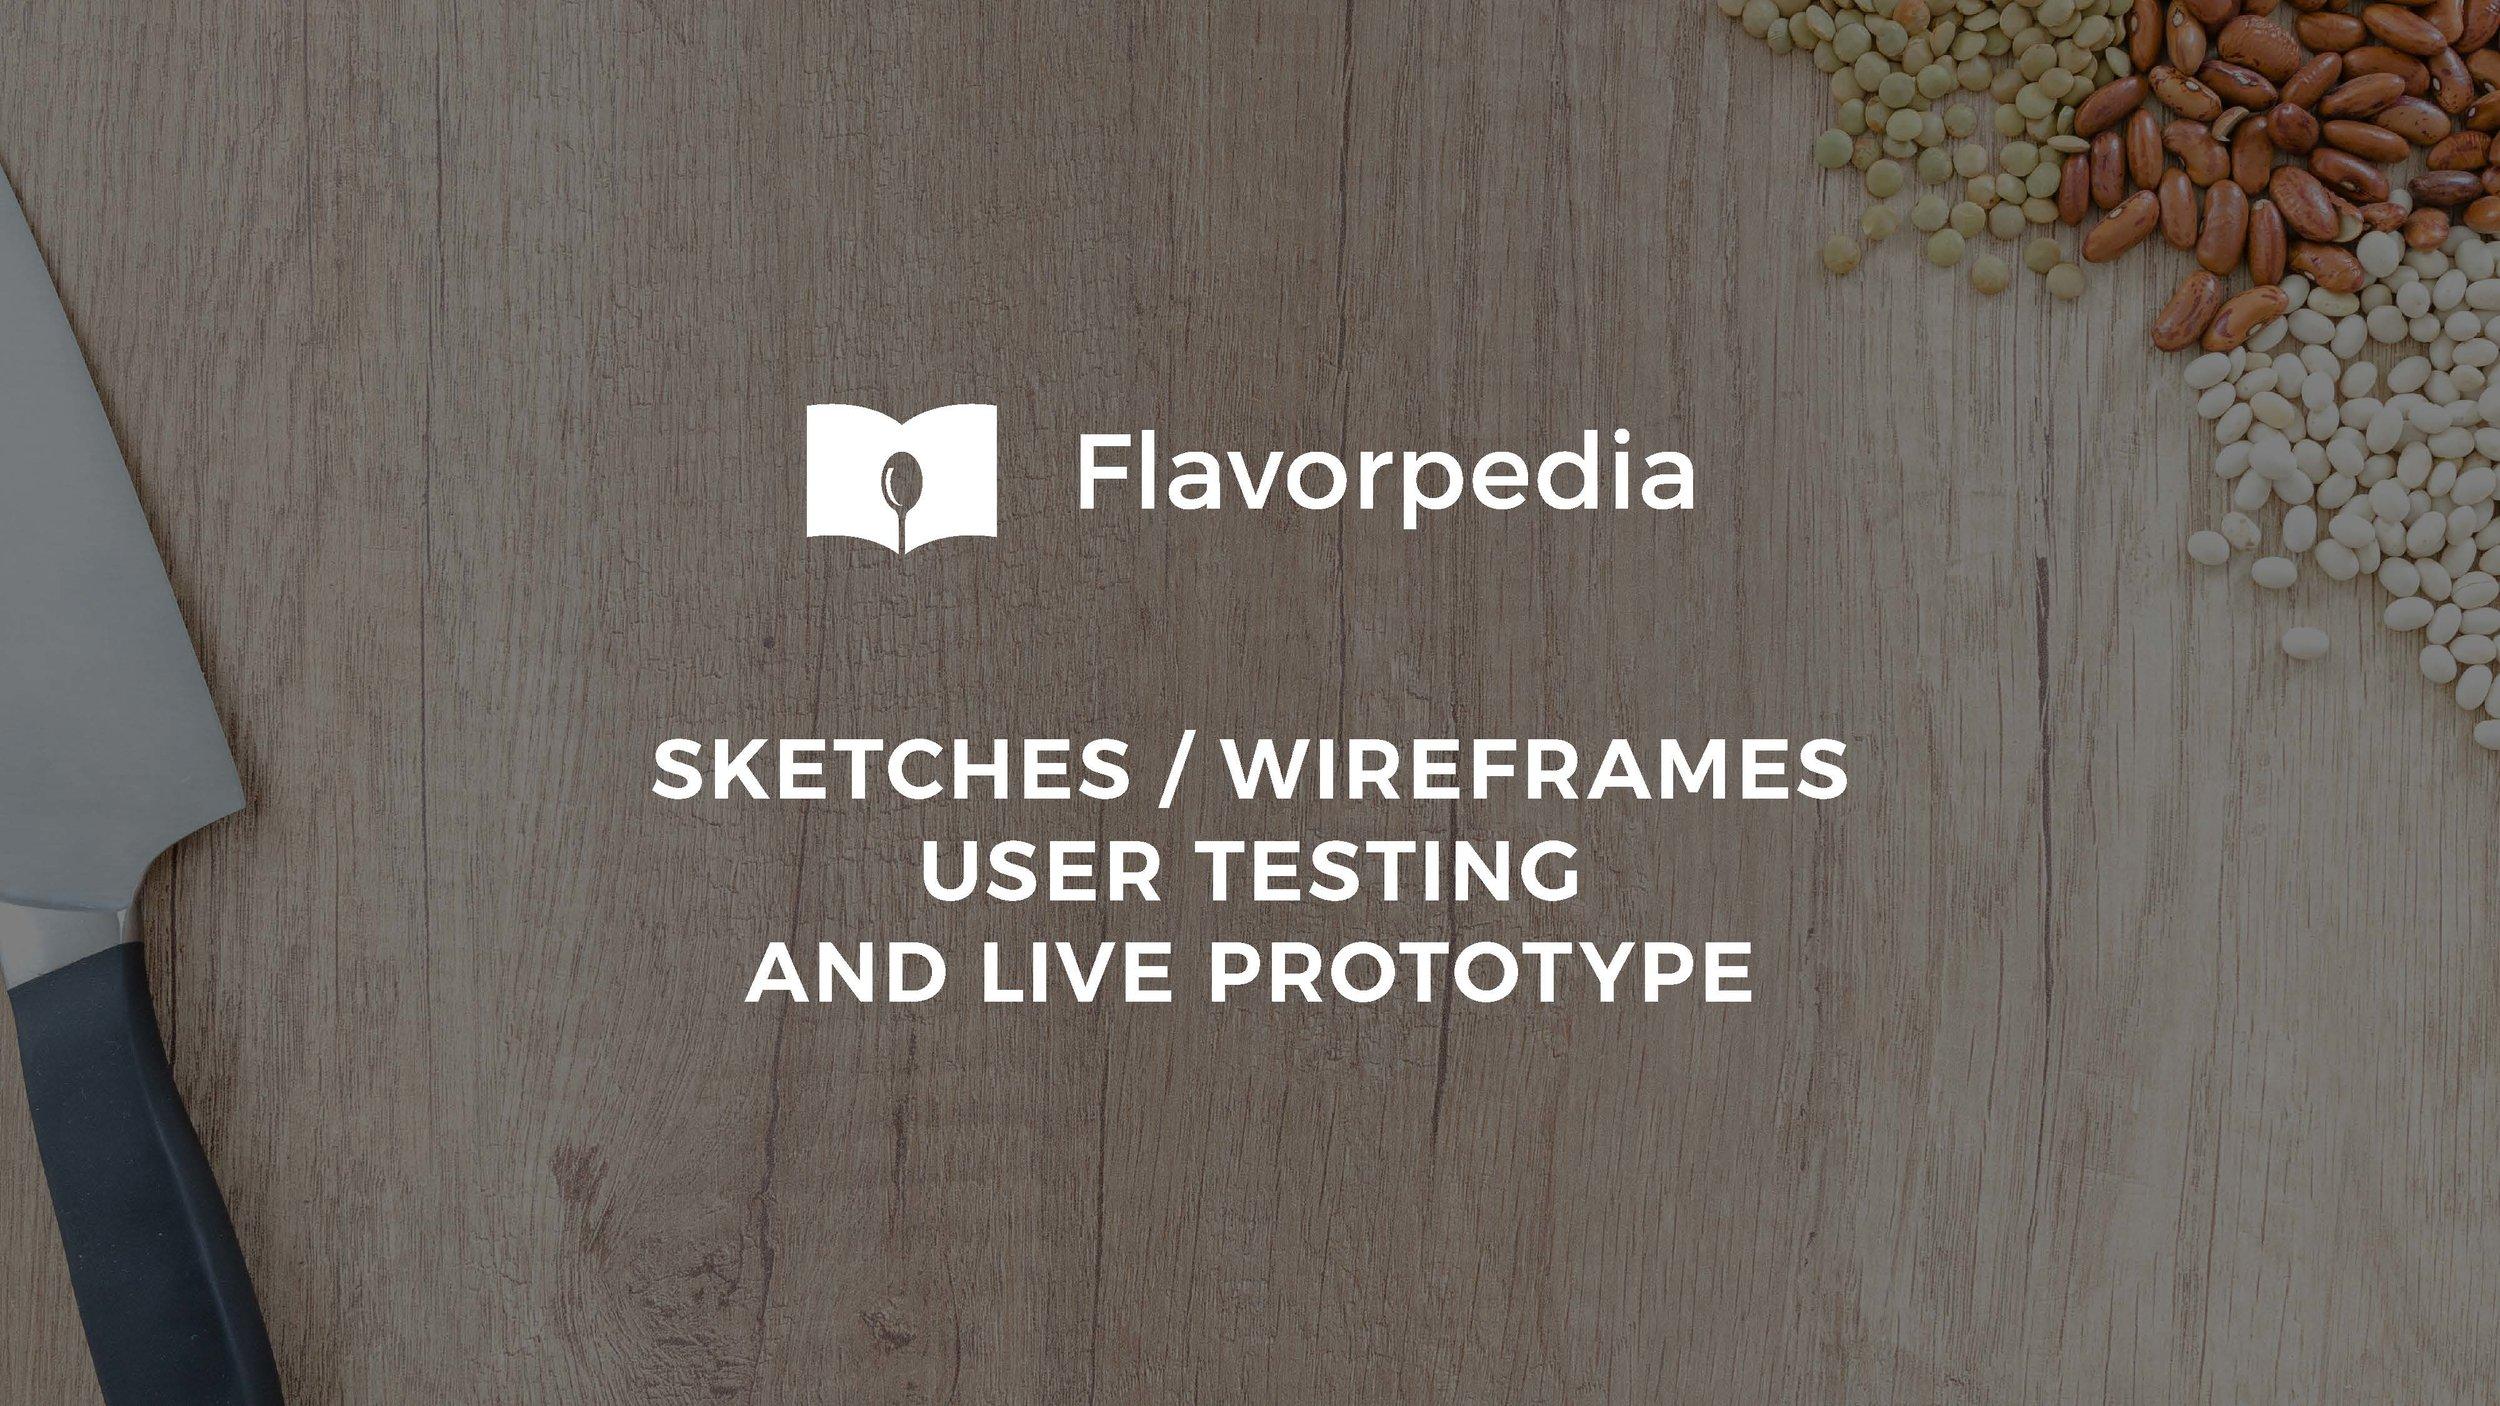 Flavorpedia_Page_12.jpg